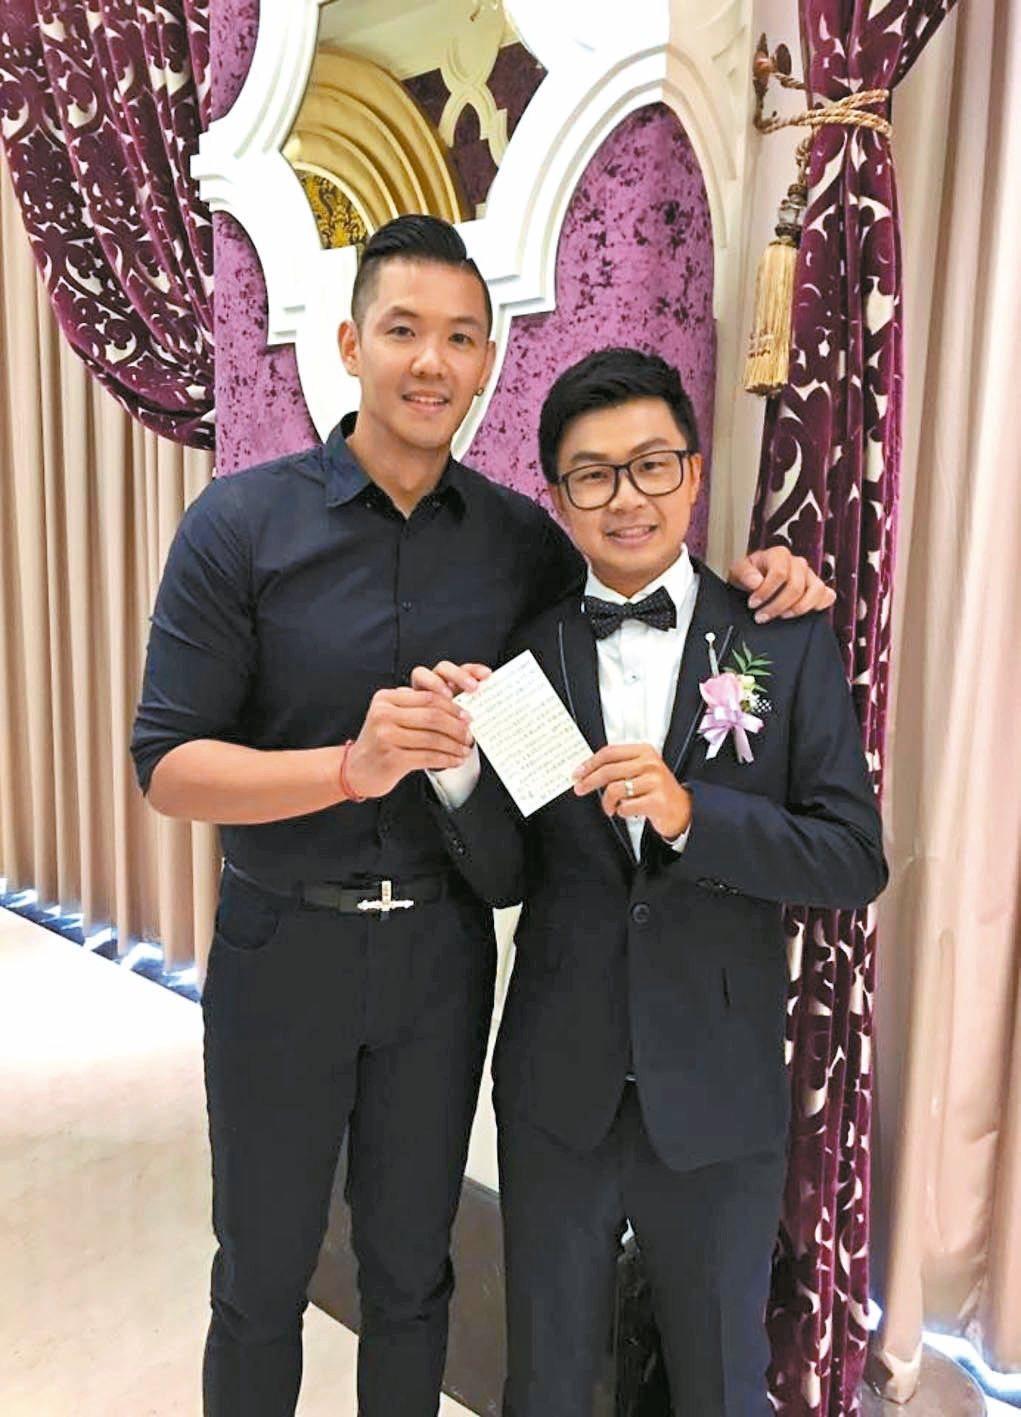 新郎李嘉浚(右)在婚禮上,拿出保存13年的信,讓藝人黑人(左)感動。 圖/翻攝自...